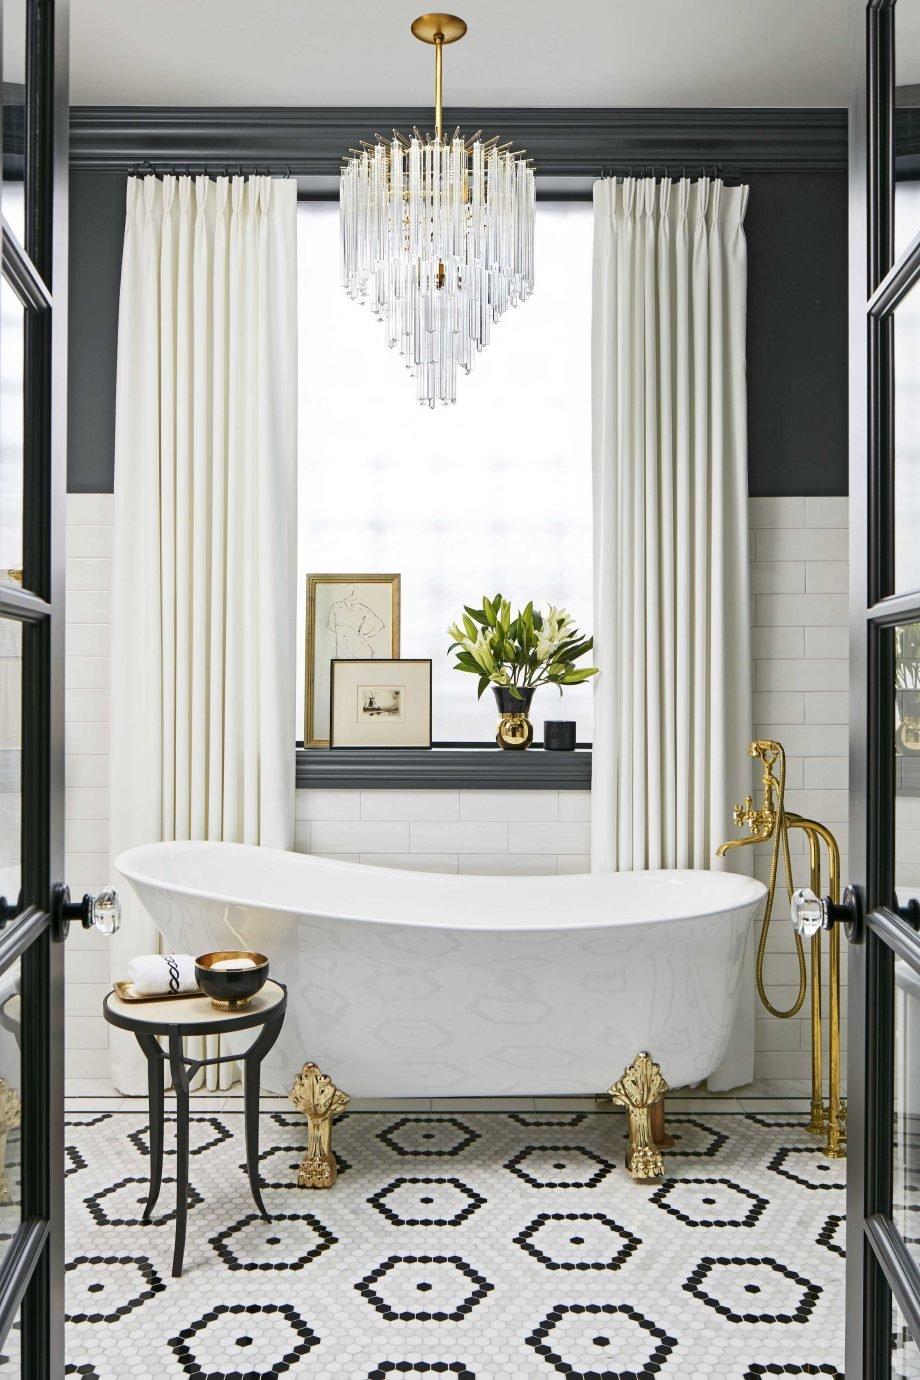 Salle de bain classique noir blanc gris doré laiton carrelage ...